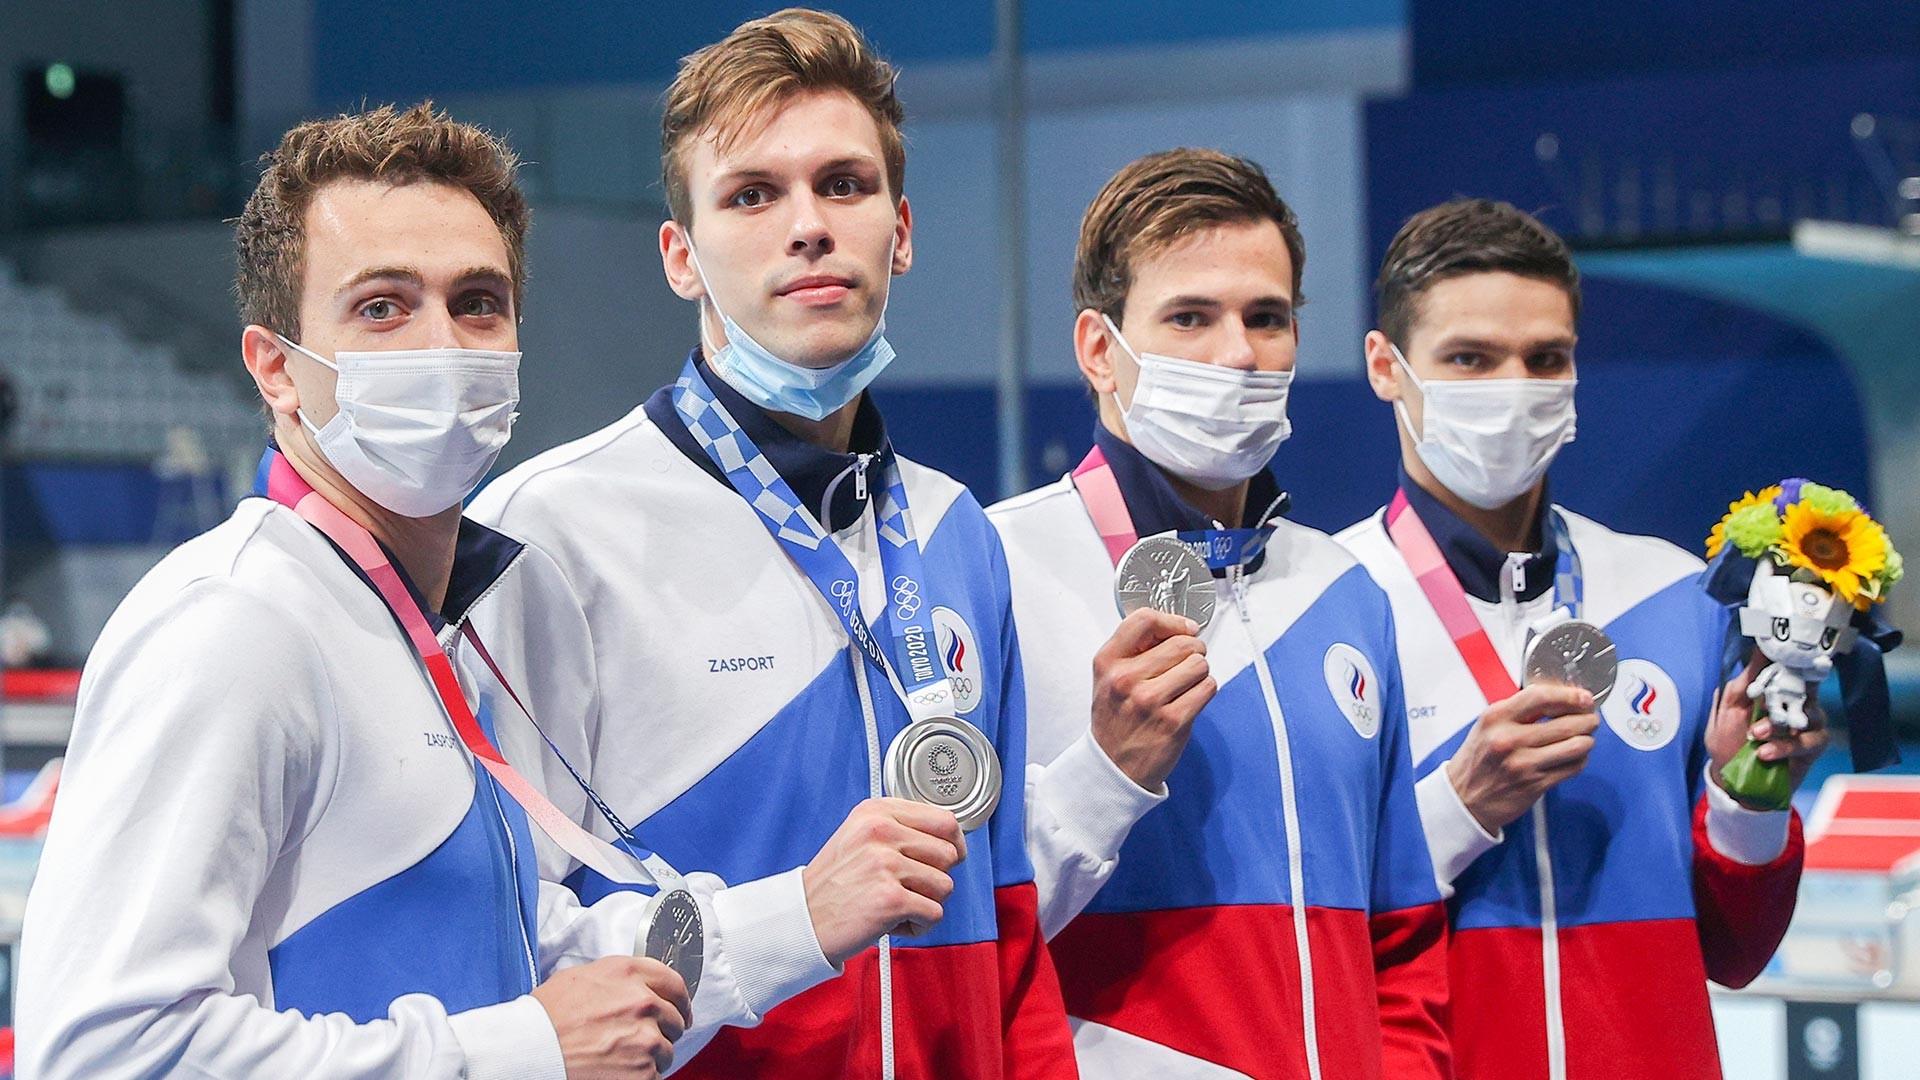 Les nageurs du Comité olympique russe posent avec leurs médailles d'argent au Centre aquatique de Tokyo lors des Jeux olympiques d'été de 2020